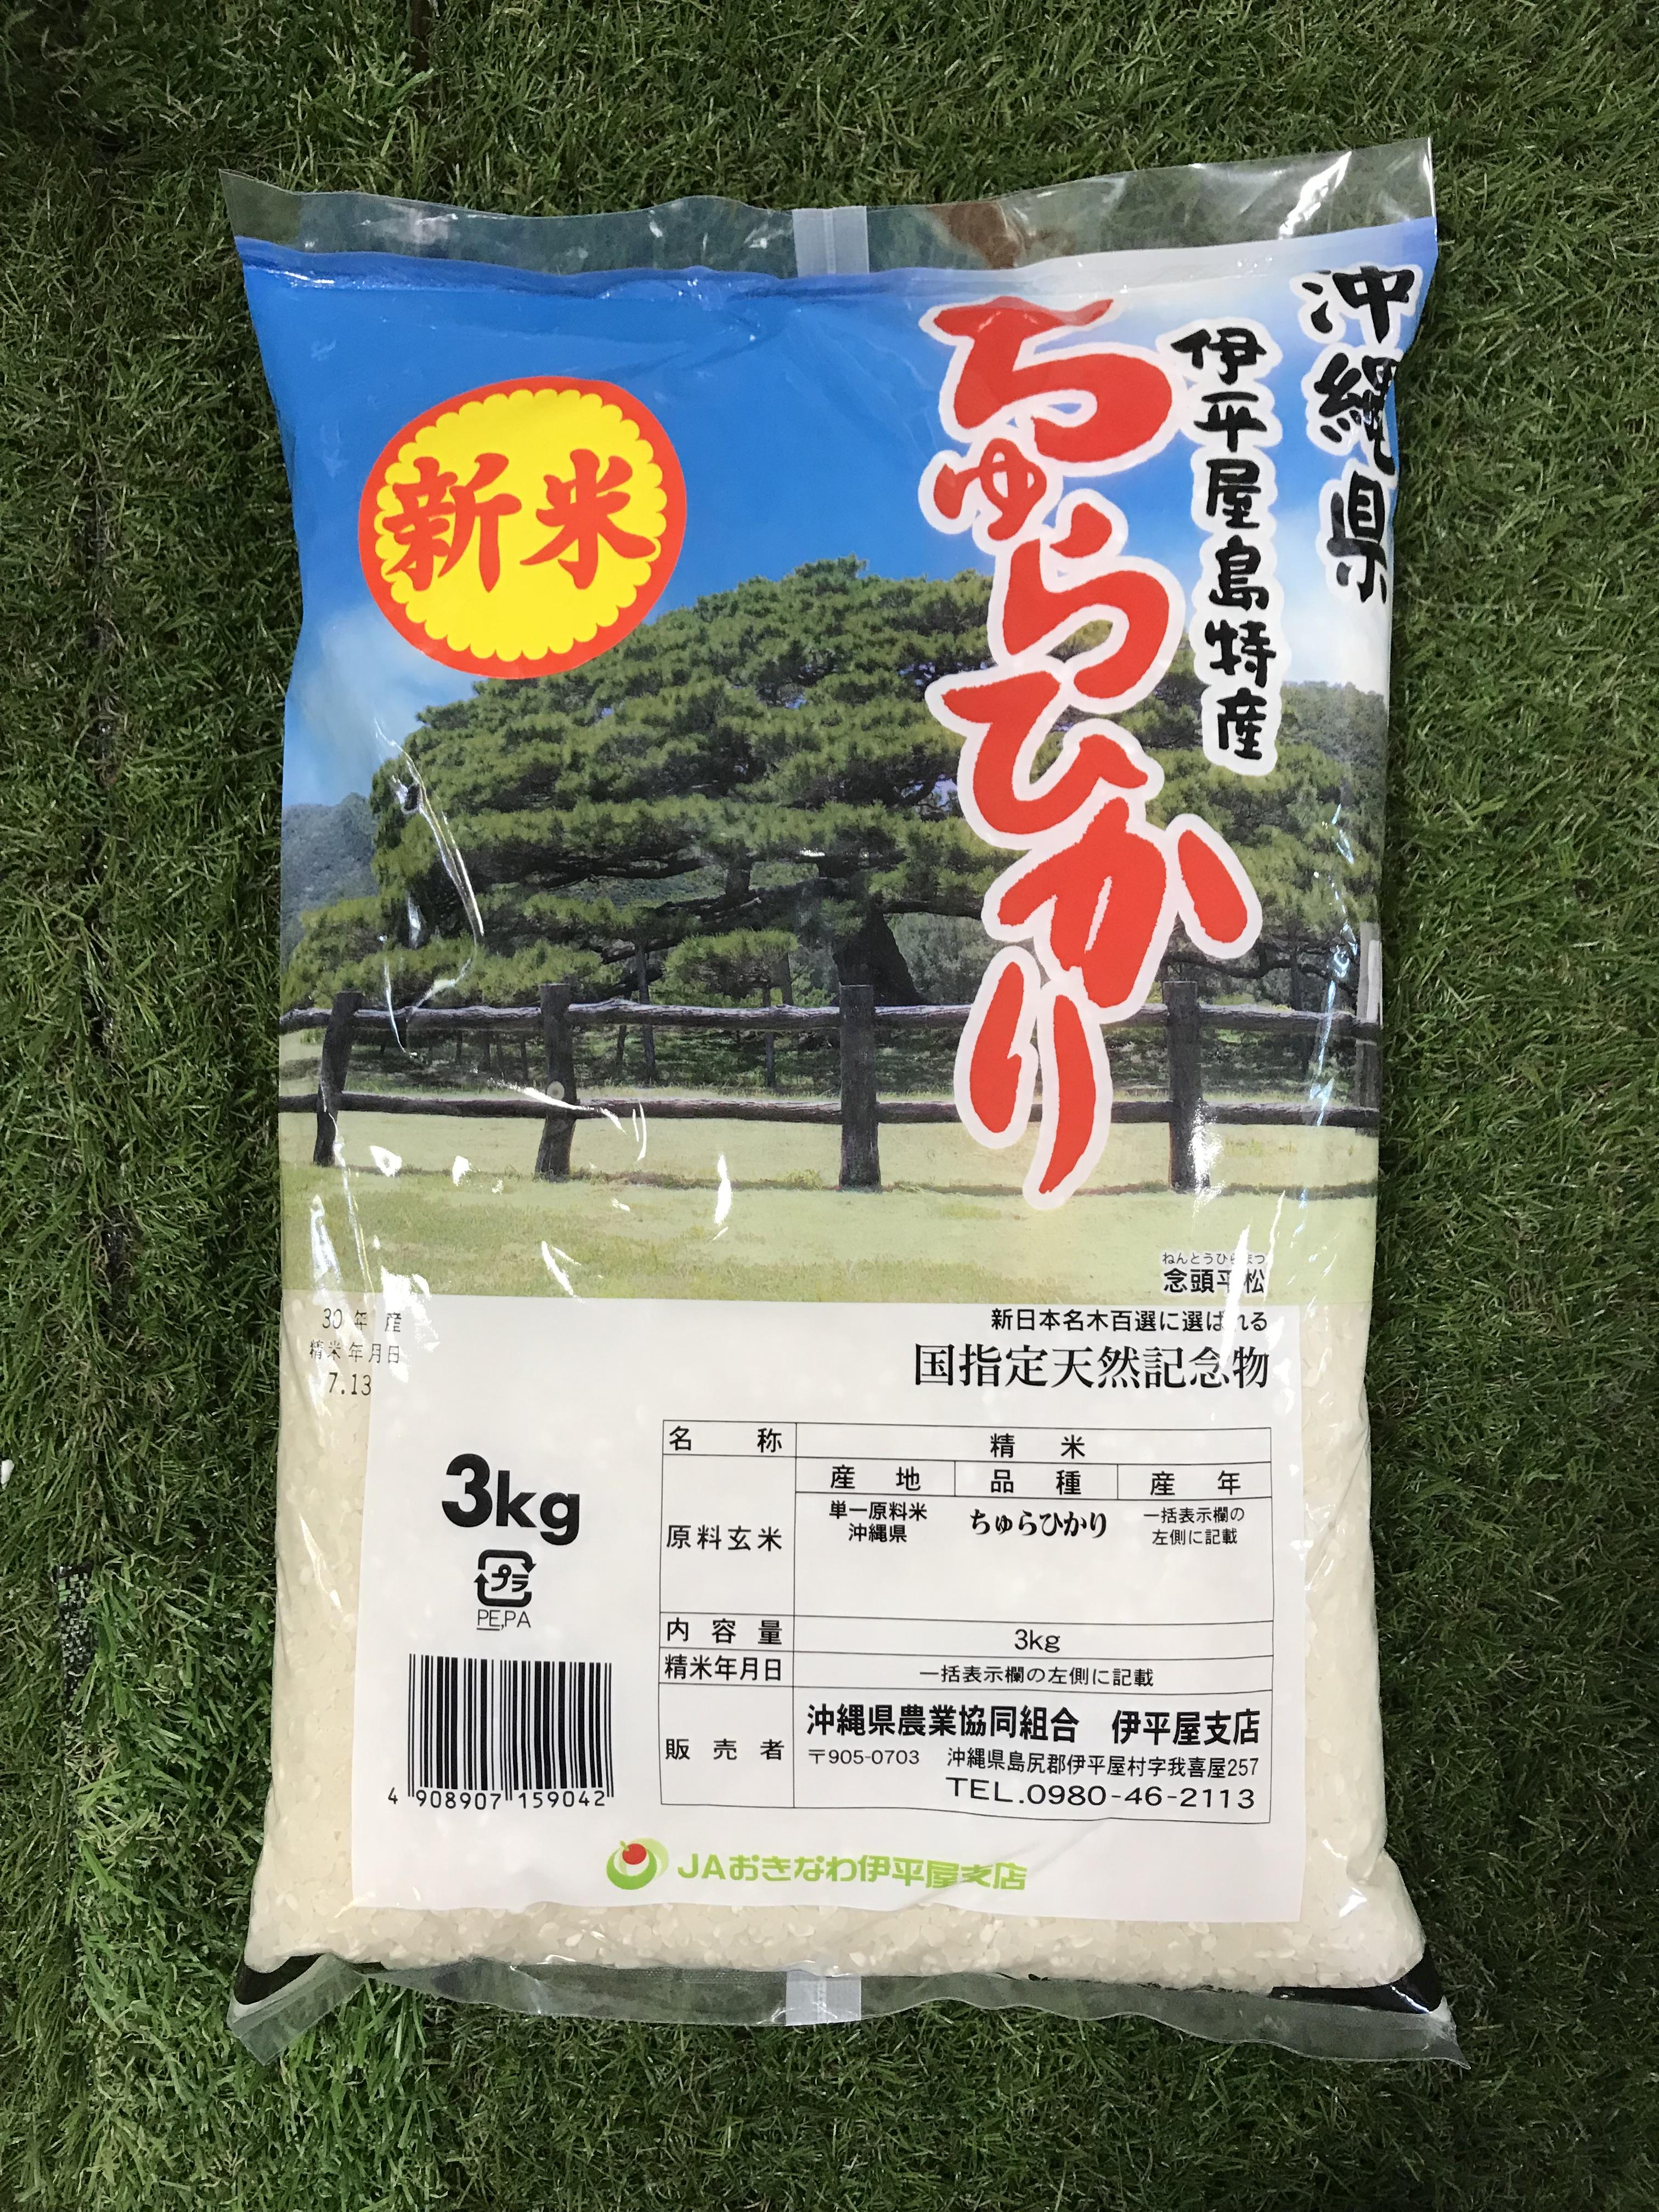 沖縄県の奨励品種である「ちゅらひかり」